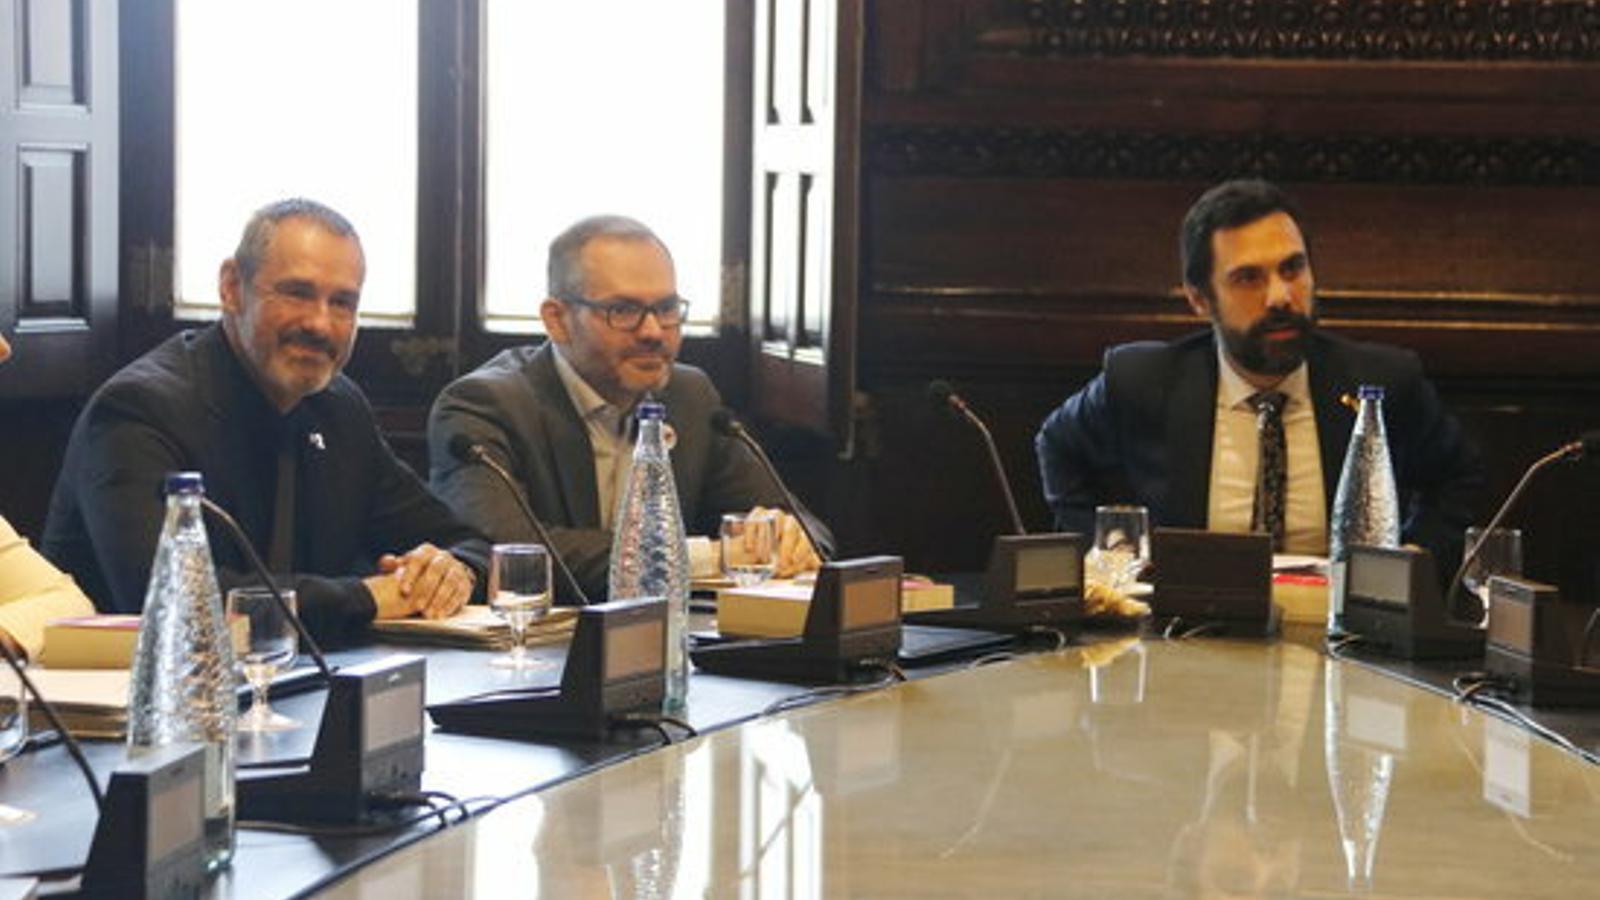 Eusebi Campdepadrós, Josep Costa i Roger Torrent en la reunió de la mesa del Parlament